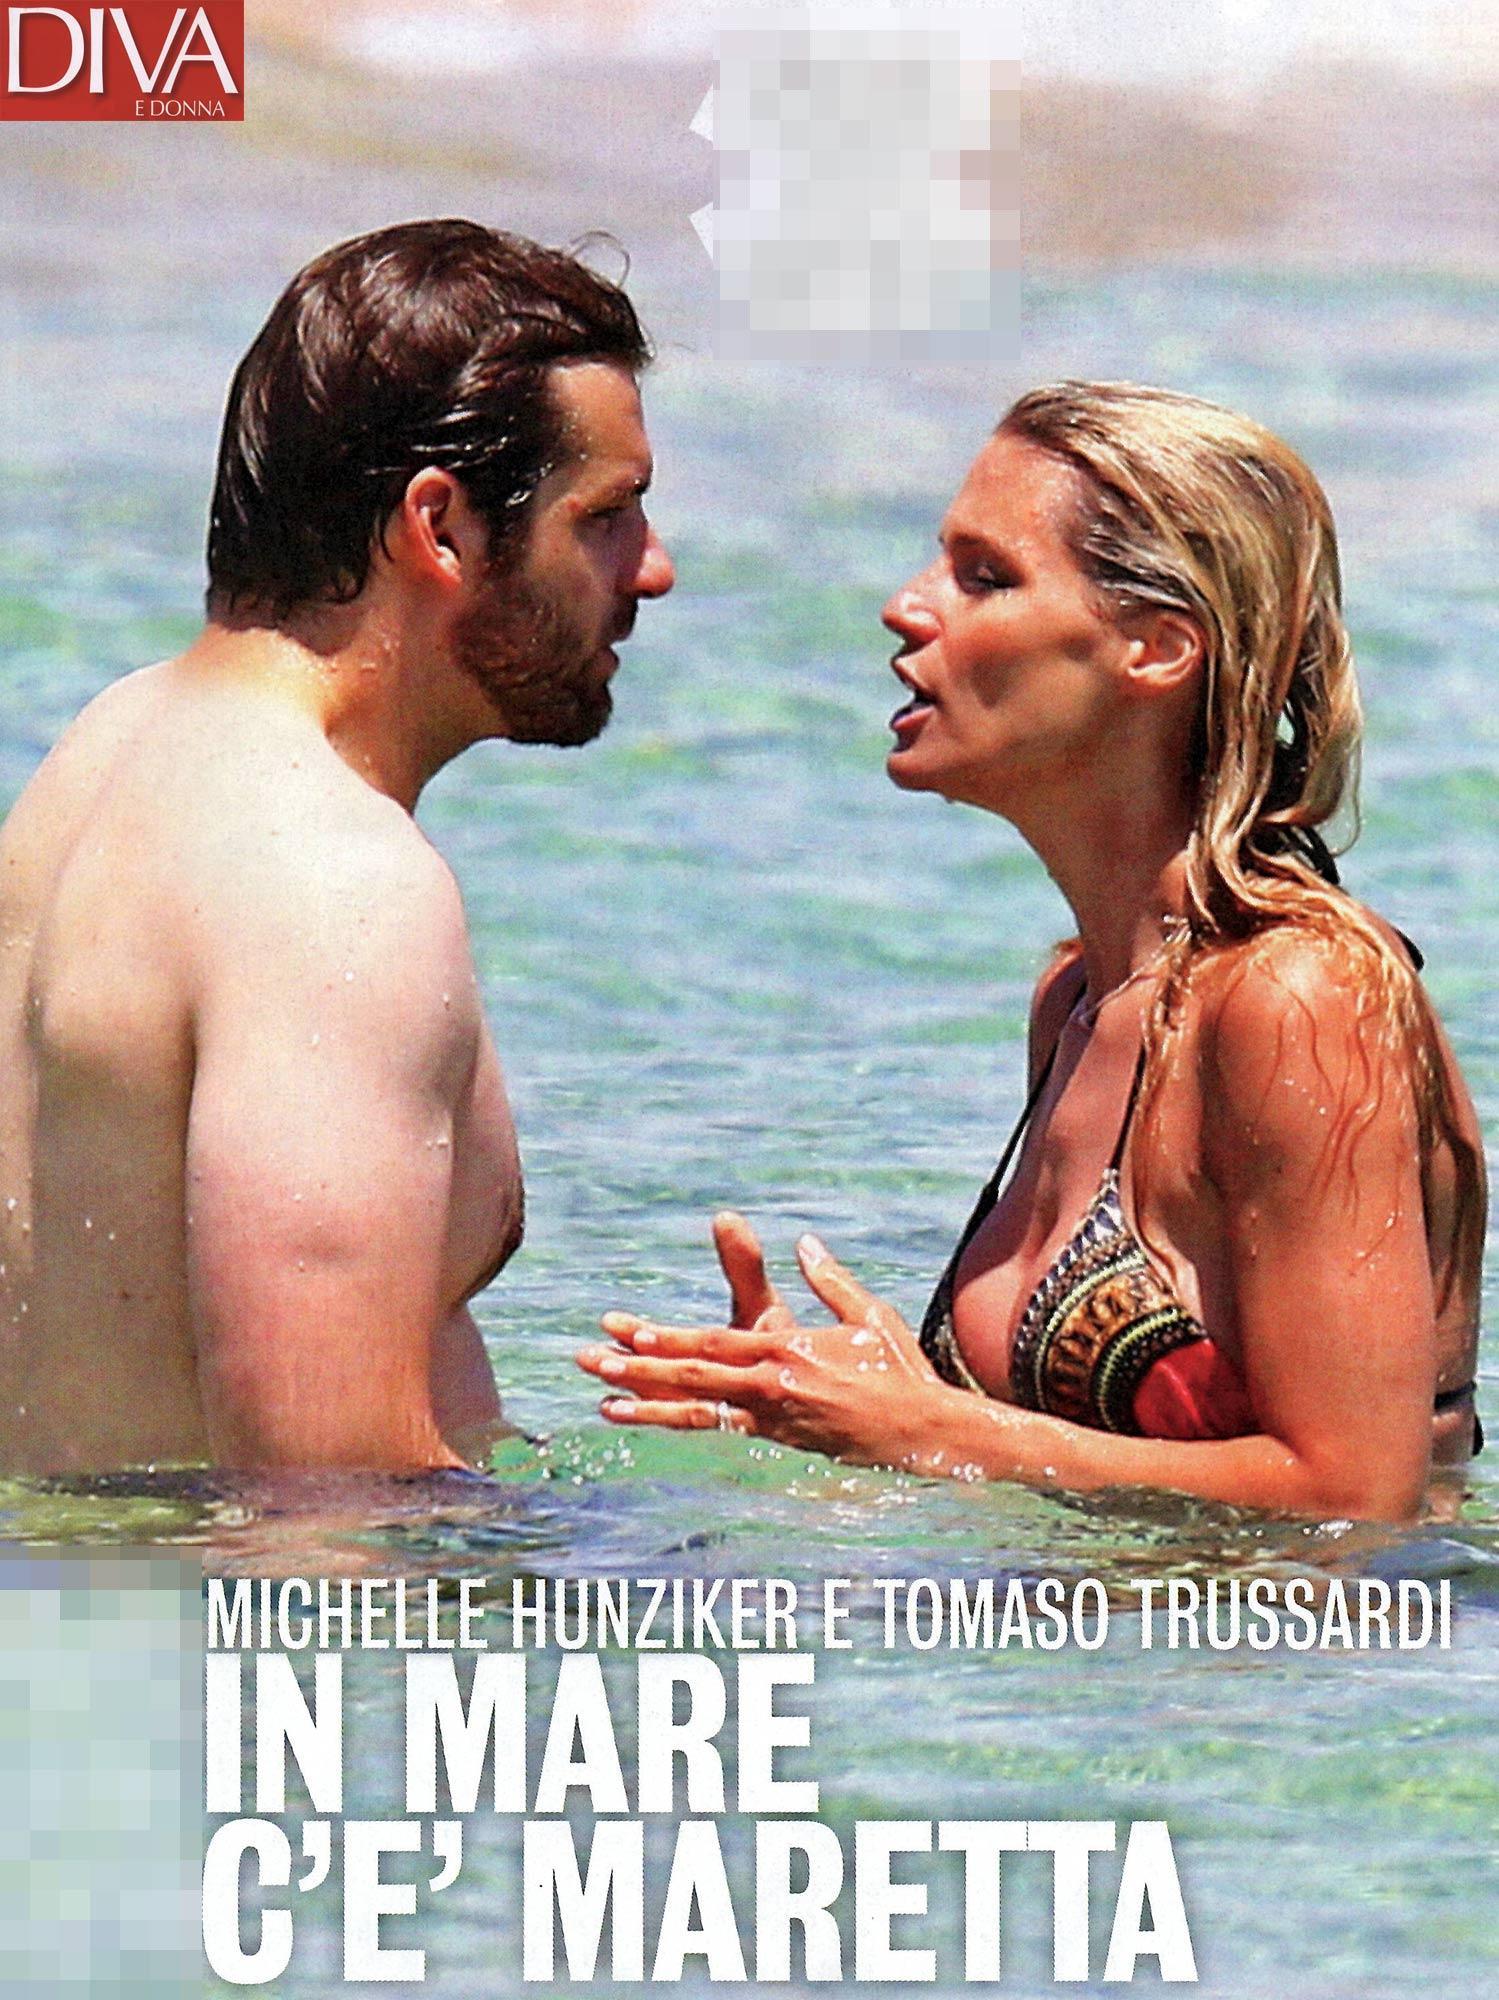 Michelle Hunziker e Tomaso Trussardi, al mare scoppia la lite